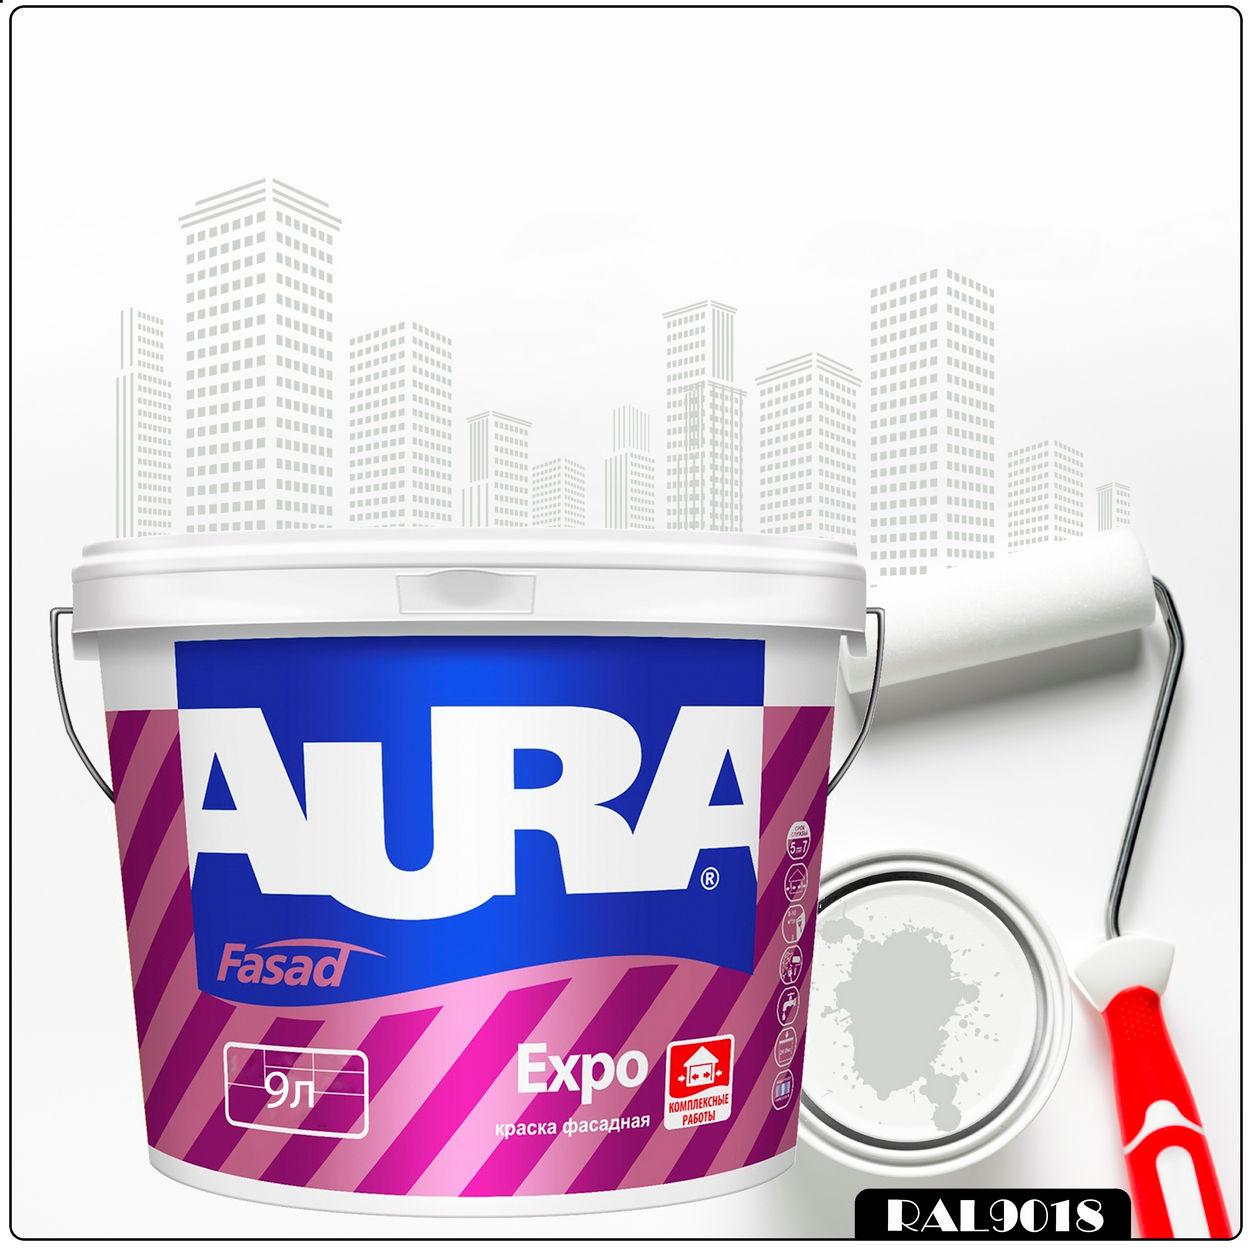 Фото 10 - Краска Aura Fasad Expo, RAL 9018 Белый-папирус, матовая, для фасадов и помещений с повышенной влажностью, 9л.